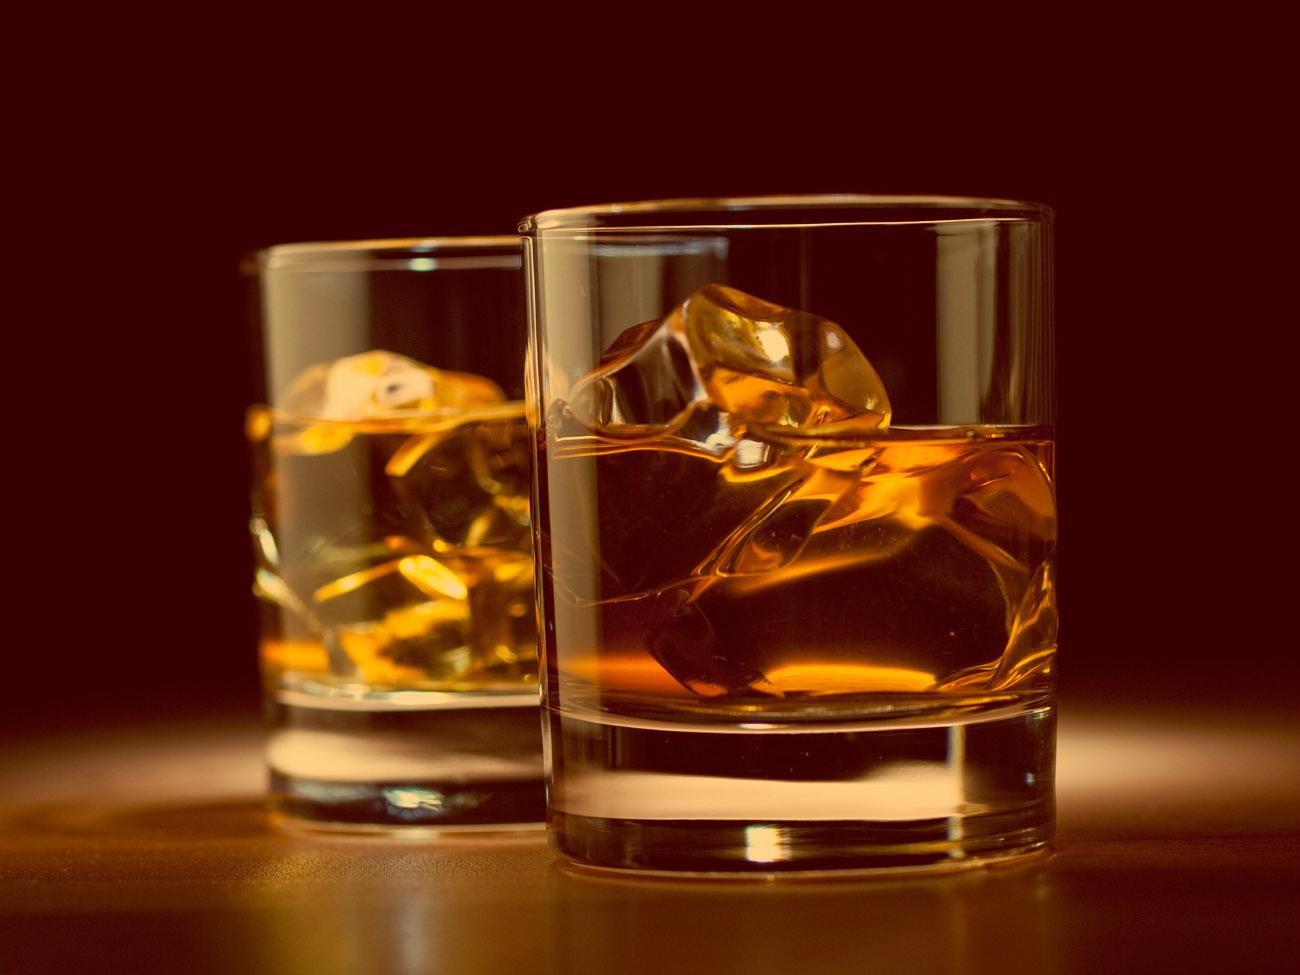 Лед - один из самых популярных ингредиентов к виски